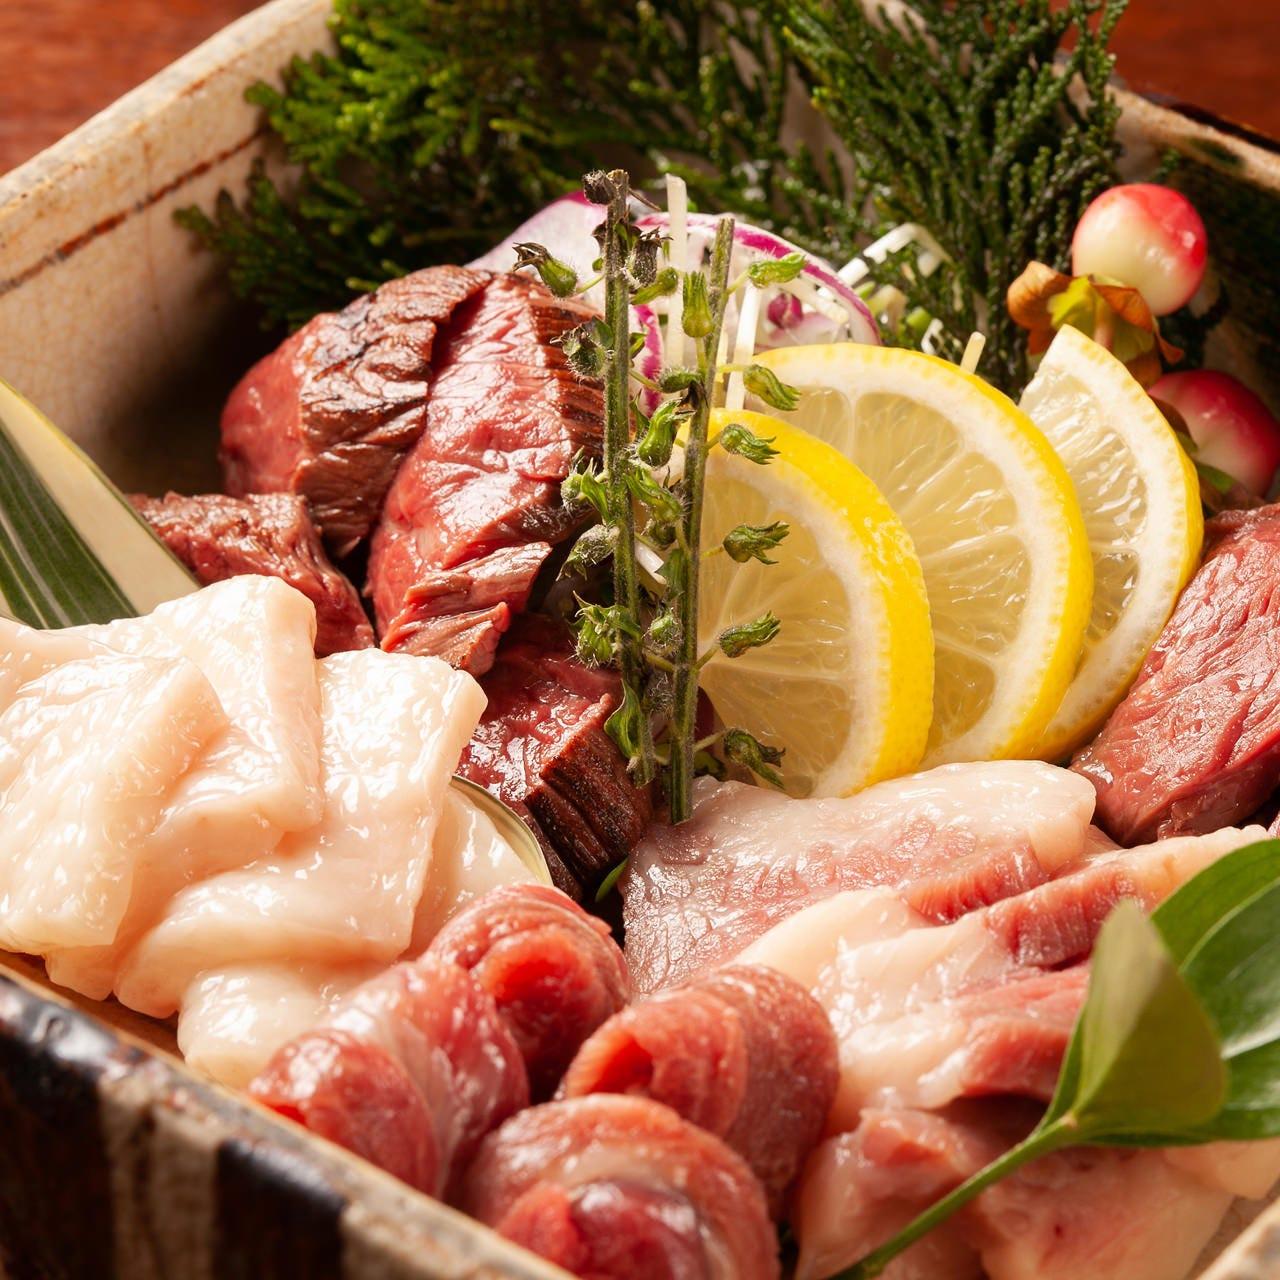 熊本の卸から直送の馬刺しや新鮮魚介